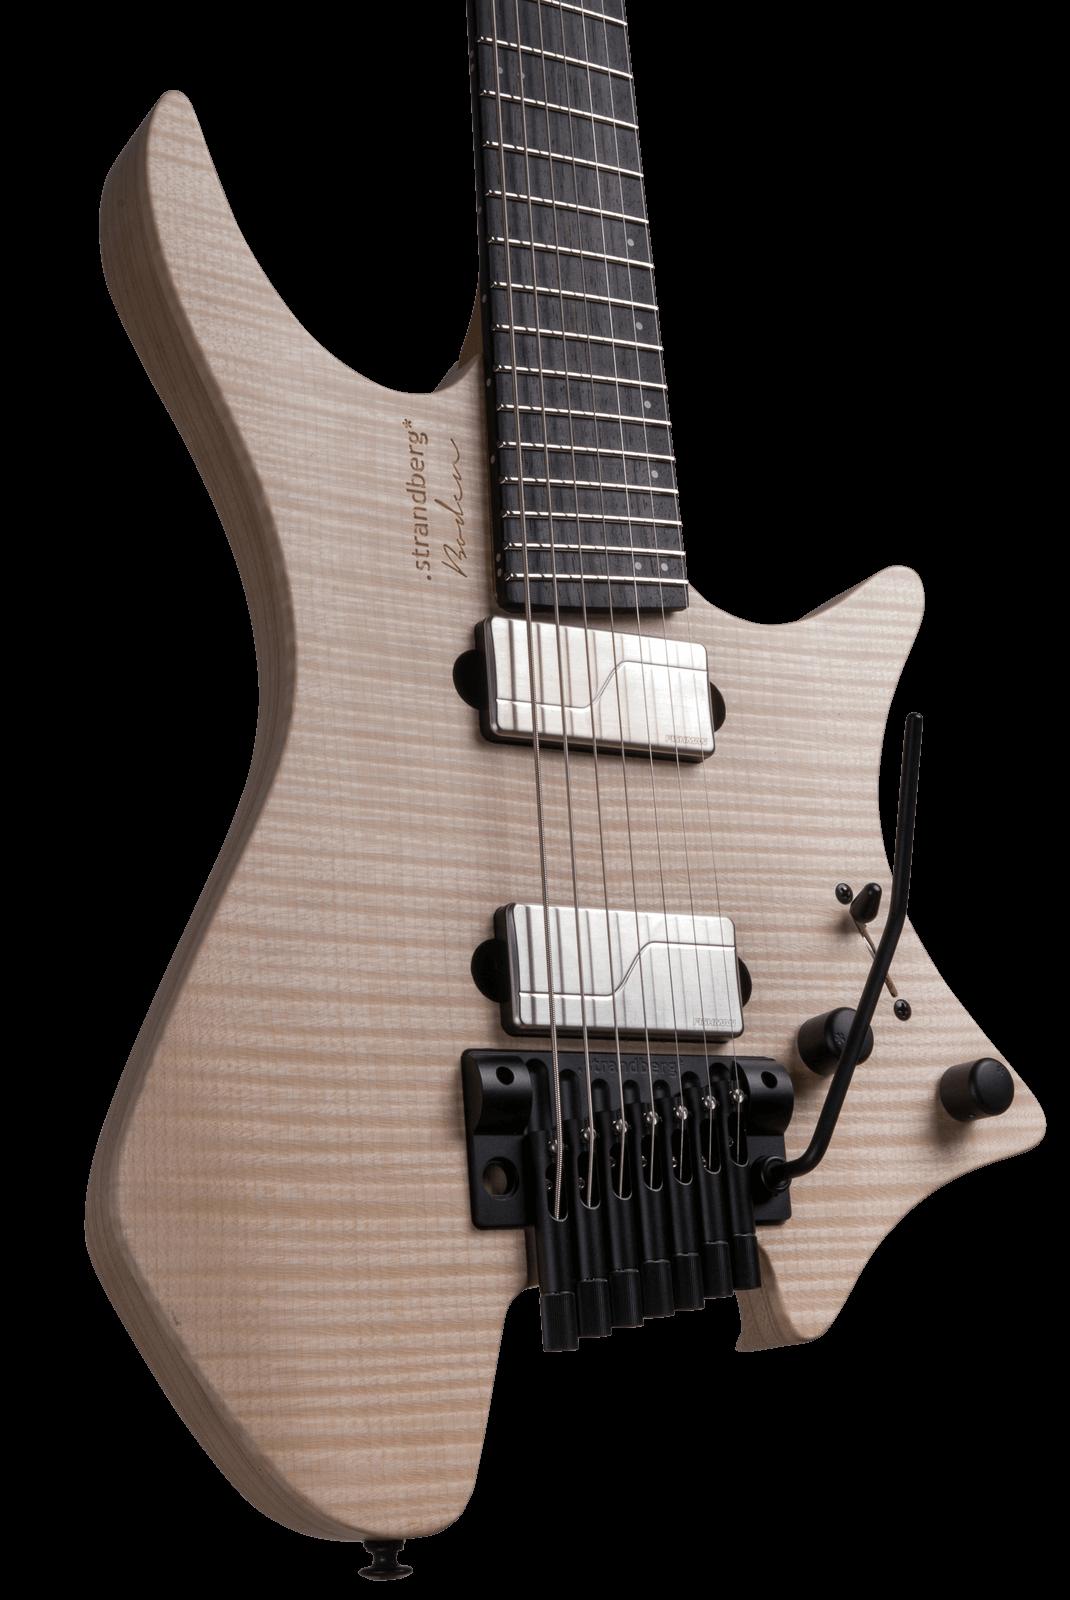 boden prog 7 natural strandberg guitars. Black Bedroom Furniture Sets. Home Design Ideas